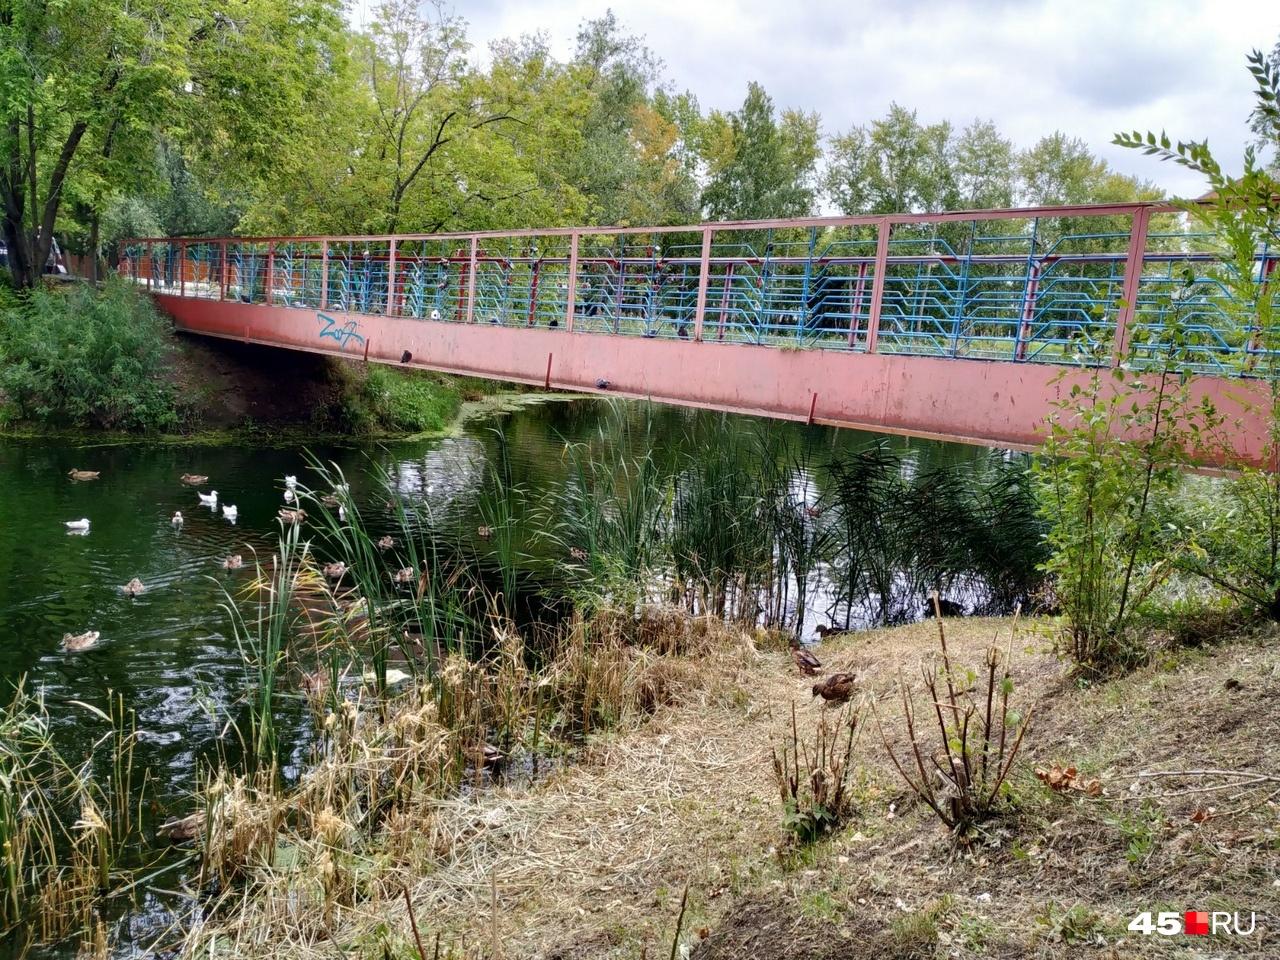 С моста люди кормят уток, когда по мосту бегут несколько человек, он трясётся